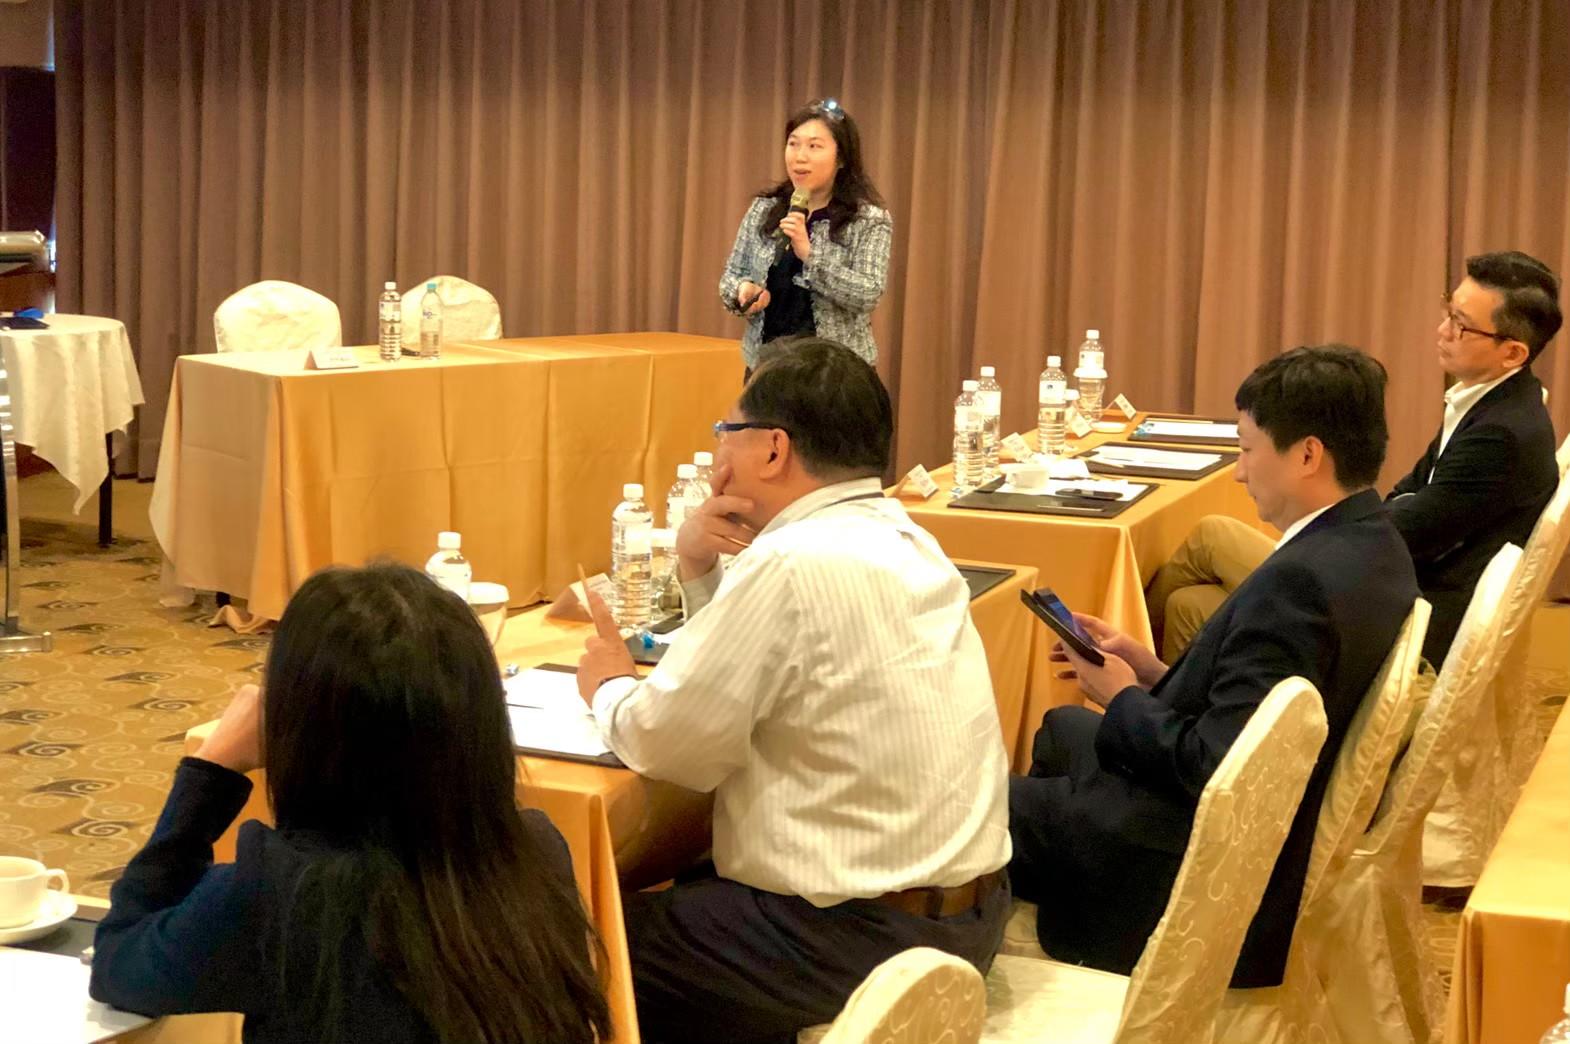 111位皮膚科醫師參加108年3月17日元鴻生技在高雄舉辦的濕疹研討會